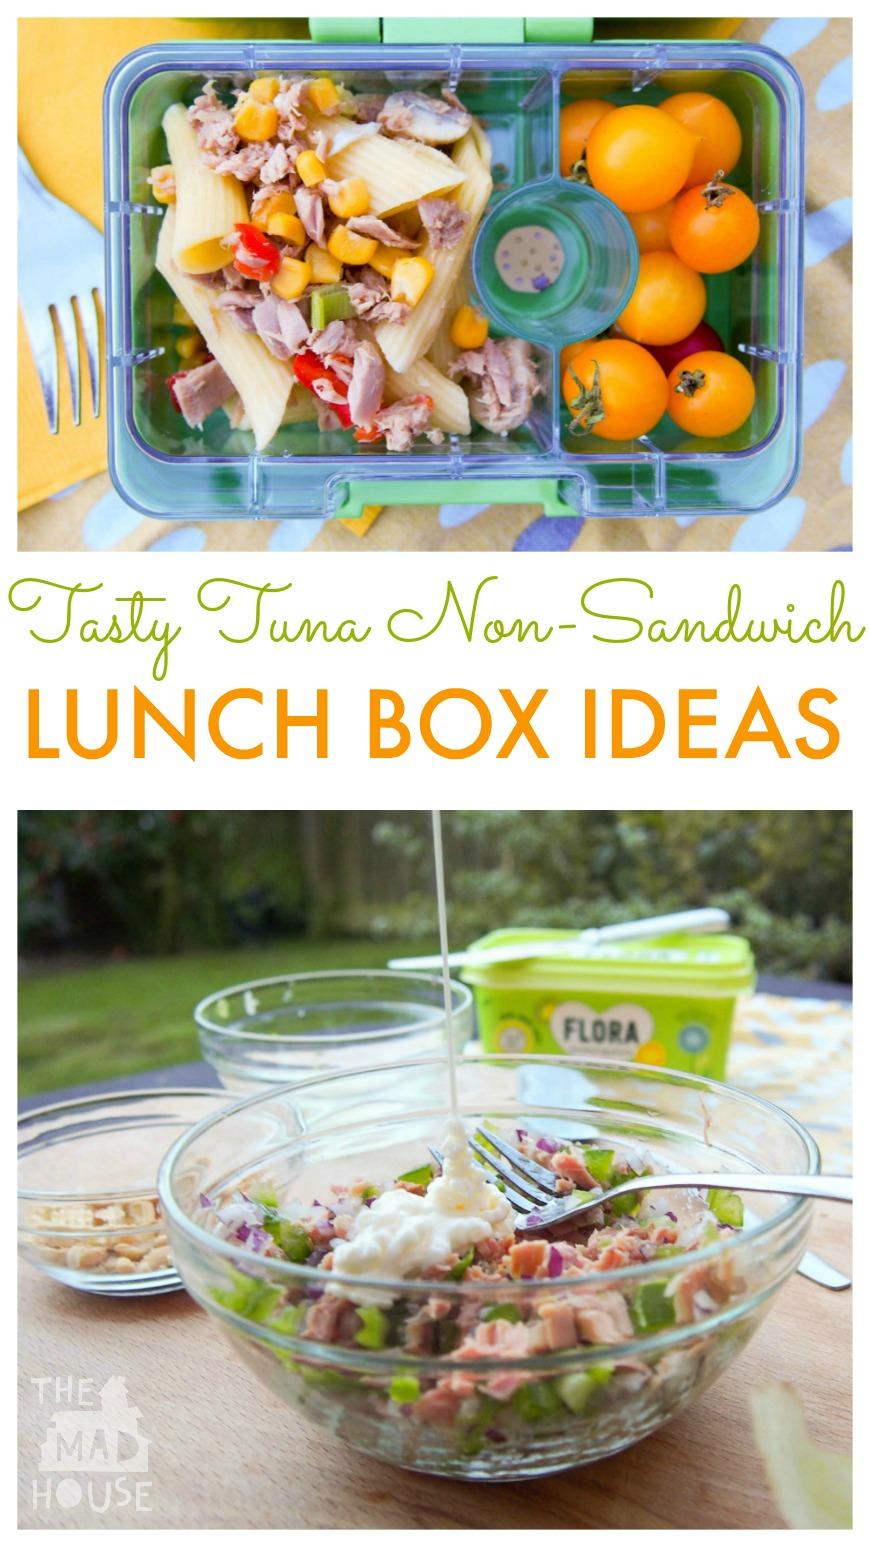 Tasty tuna non sandwich lunchbox ideas mum in the madhouse tasty tuna non sandwich lunch box ideas forumfinder Gallery